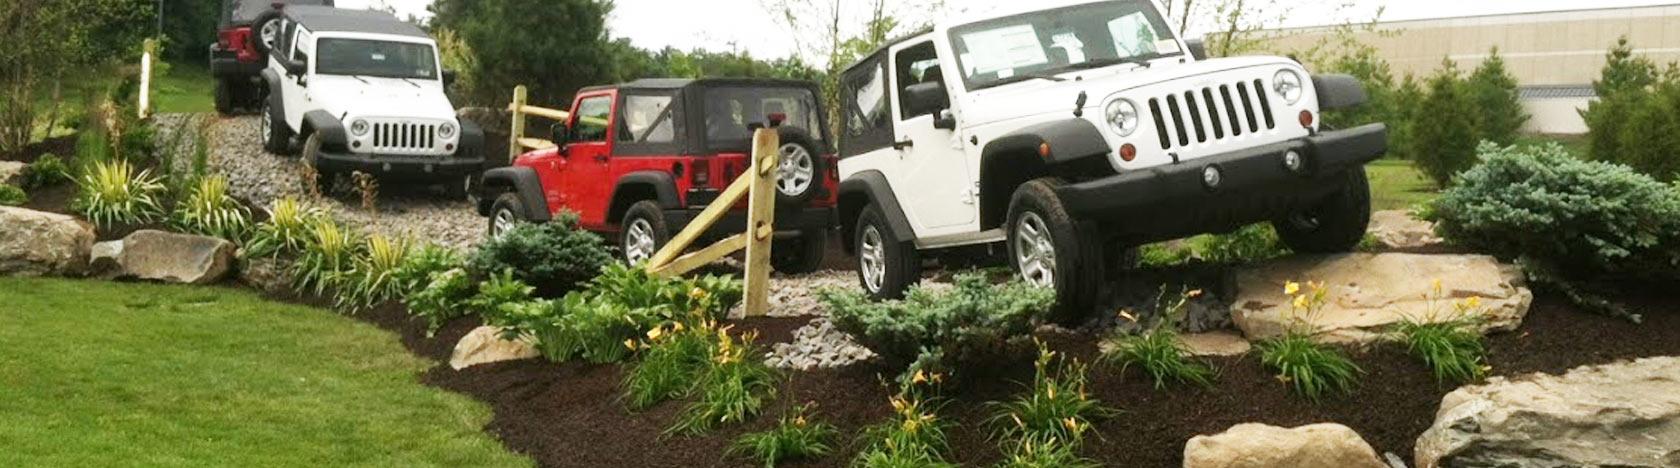 jeep-garden